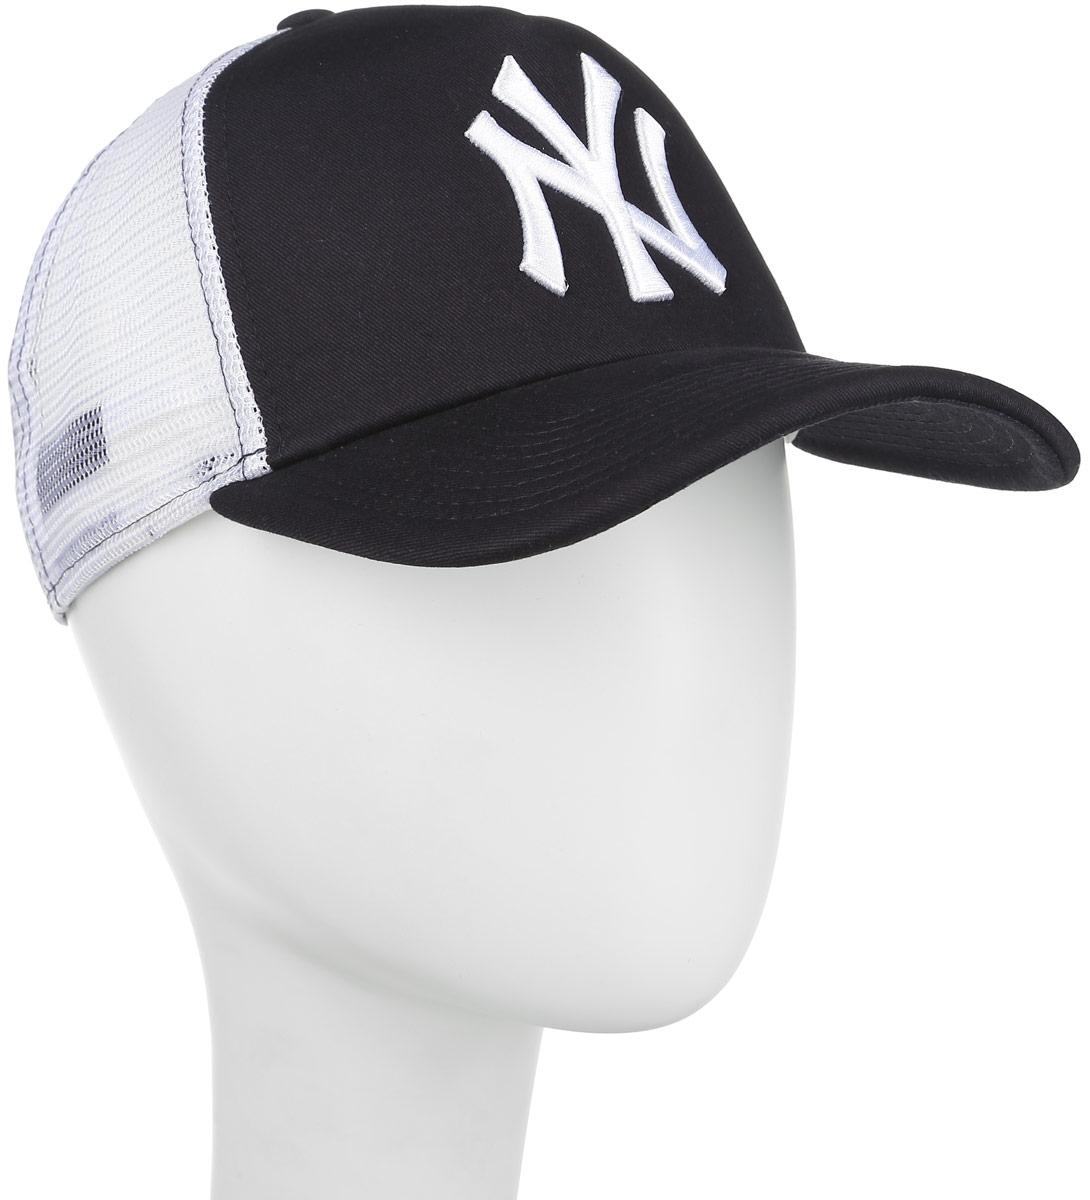 Бейсболка Nos MLB Clean Trucker. 11010656-NVY11010656-NVYСтильная бейсболка New Era Forty Flecked Trucker, выполненная из высококачественных материалов, идеально подойдет для прогулок, занятий спортом и отдыха. Изделие оформлено объемным вышитым логотипом знаменитой бейсбольной команды New York Yankees и логотипом бренда New Era. Бейсболка надежно защитит вас от солнца и ветра. Классическая кепка с сетчатой задней частью станет правильным выбором. Объем бейсболки регулируется пластиковым фиксатором. Ничто не говорит о настоящем любителе путешествий больше, чем любимая кепка. Эта модель станет отличным аксессуаром и дополнит ваш повседневный образ.